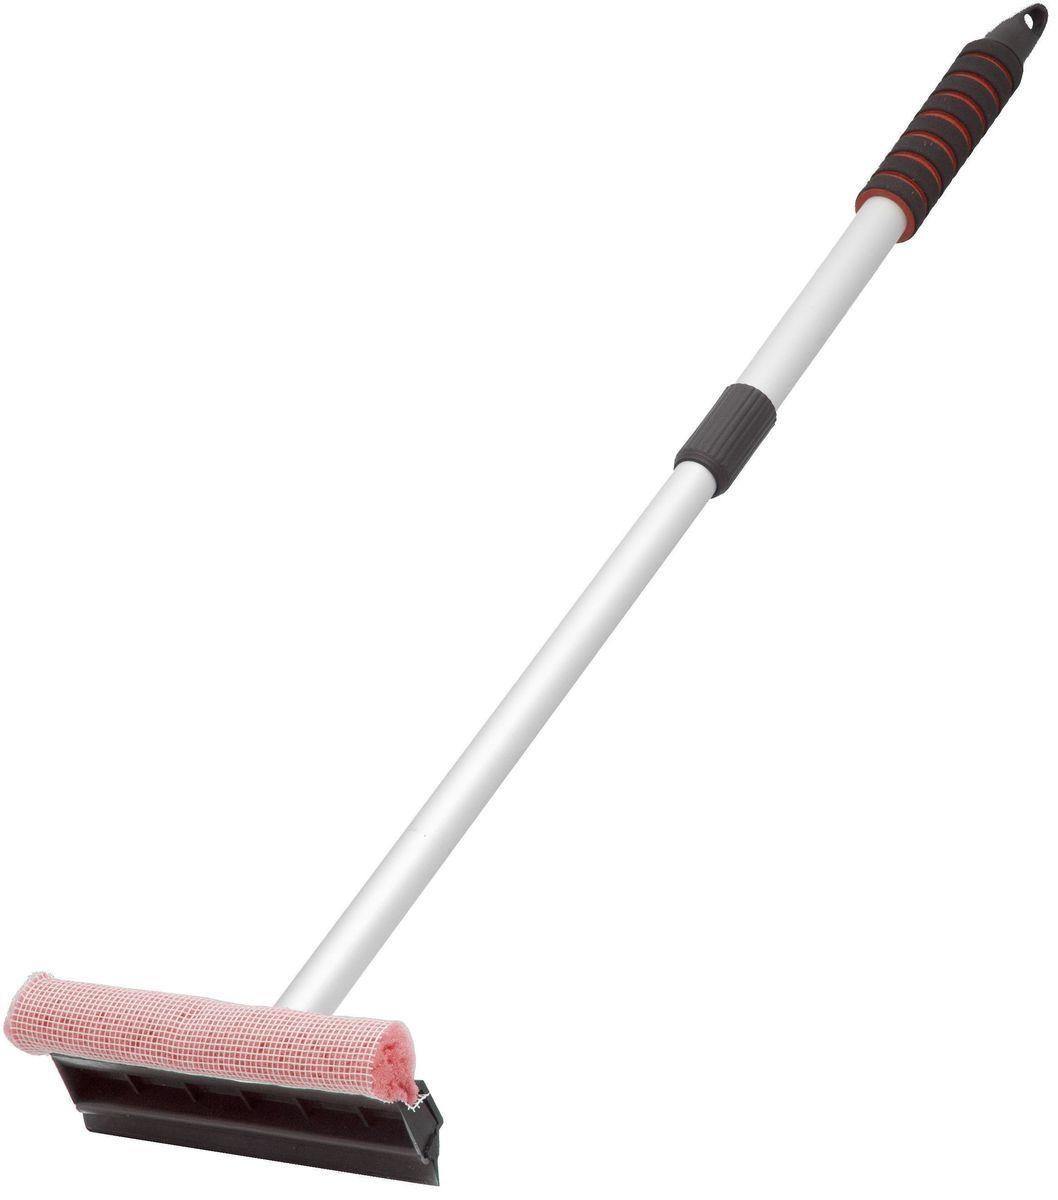 Водосгон Главдор, с телескопической ручкой, цвет: красный водосгон купить